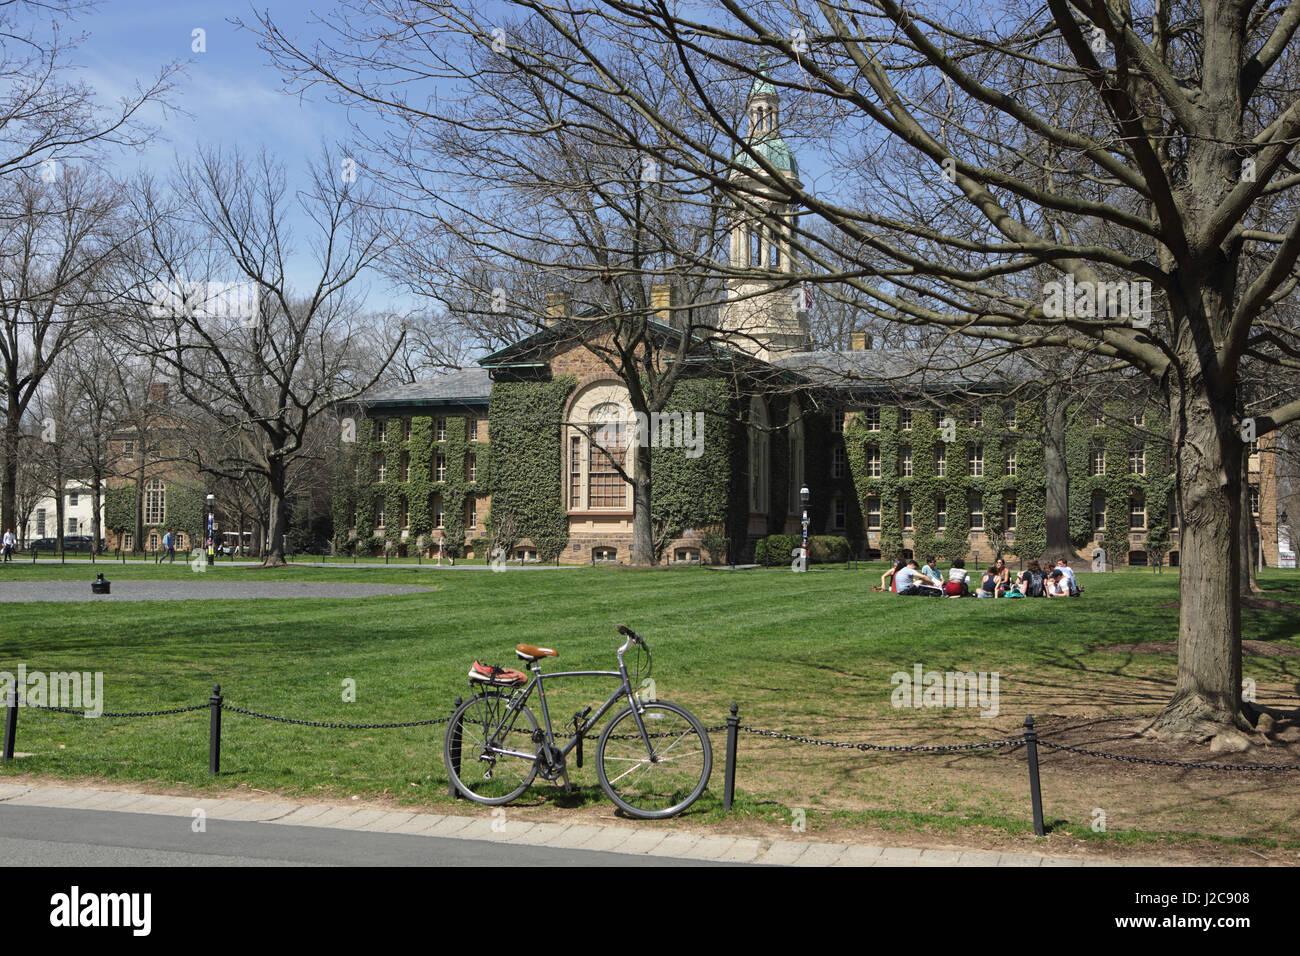 Princeton, NJ, EE.UU. - 11 de abril de 2017: el campus de la Universidad de Princeton en primavera. Nassau Hall Imagen De Stock